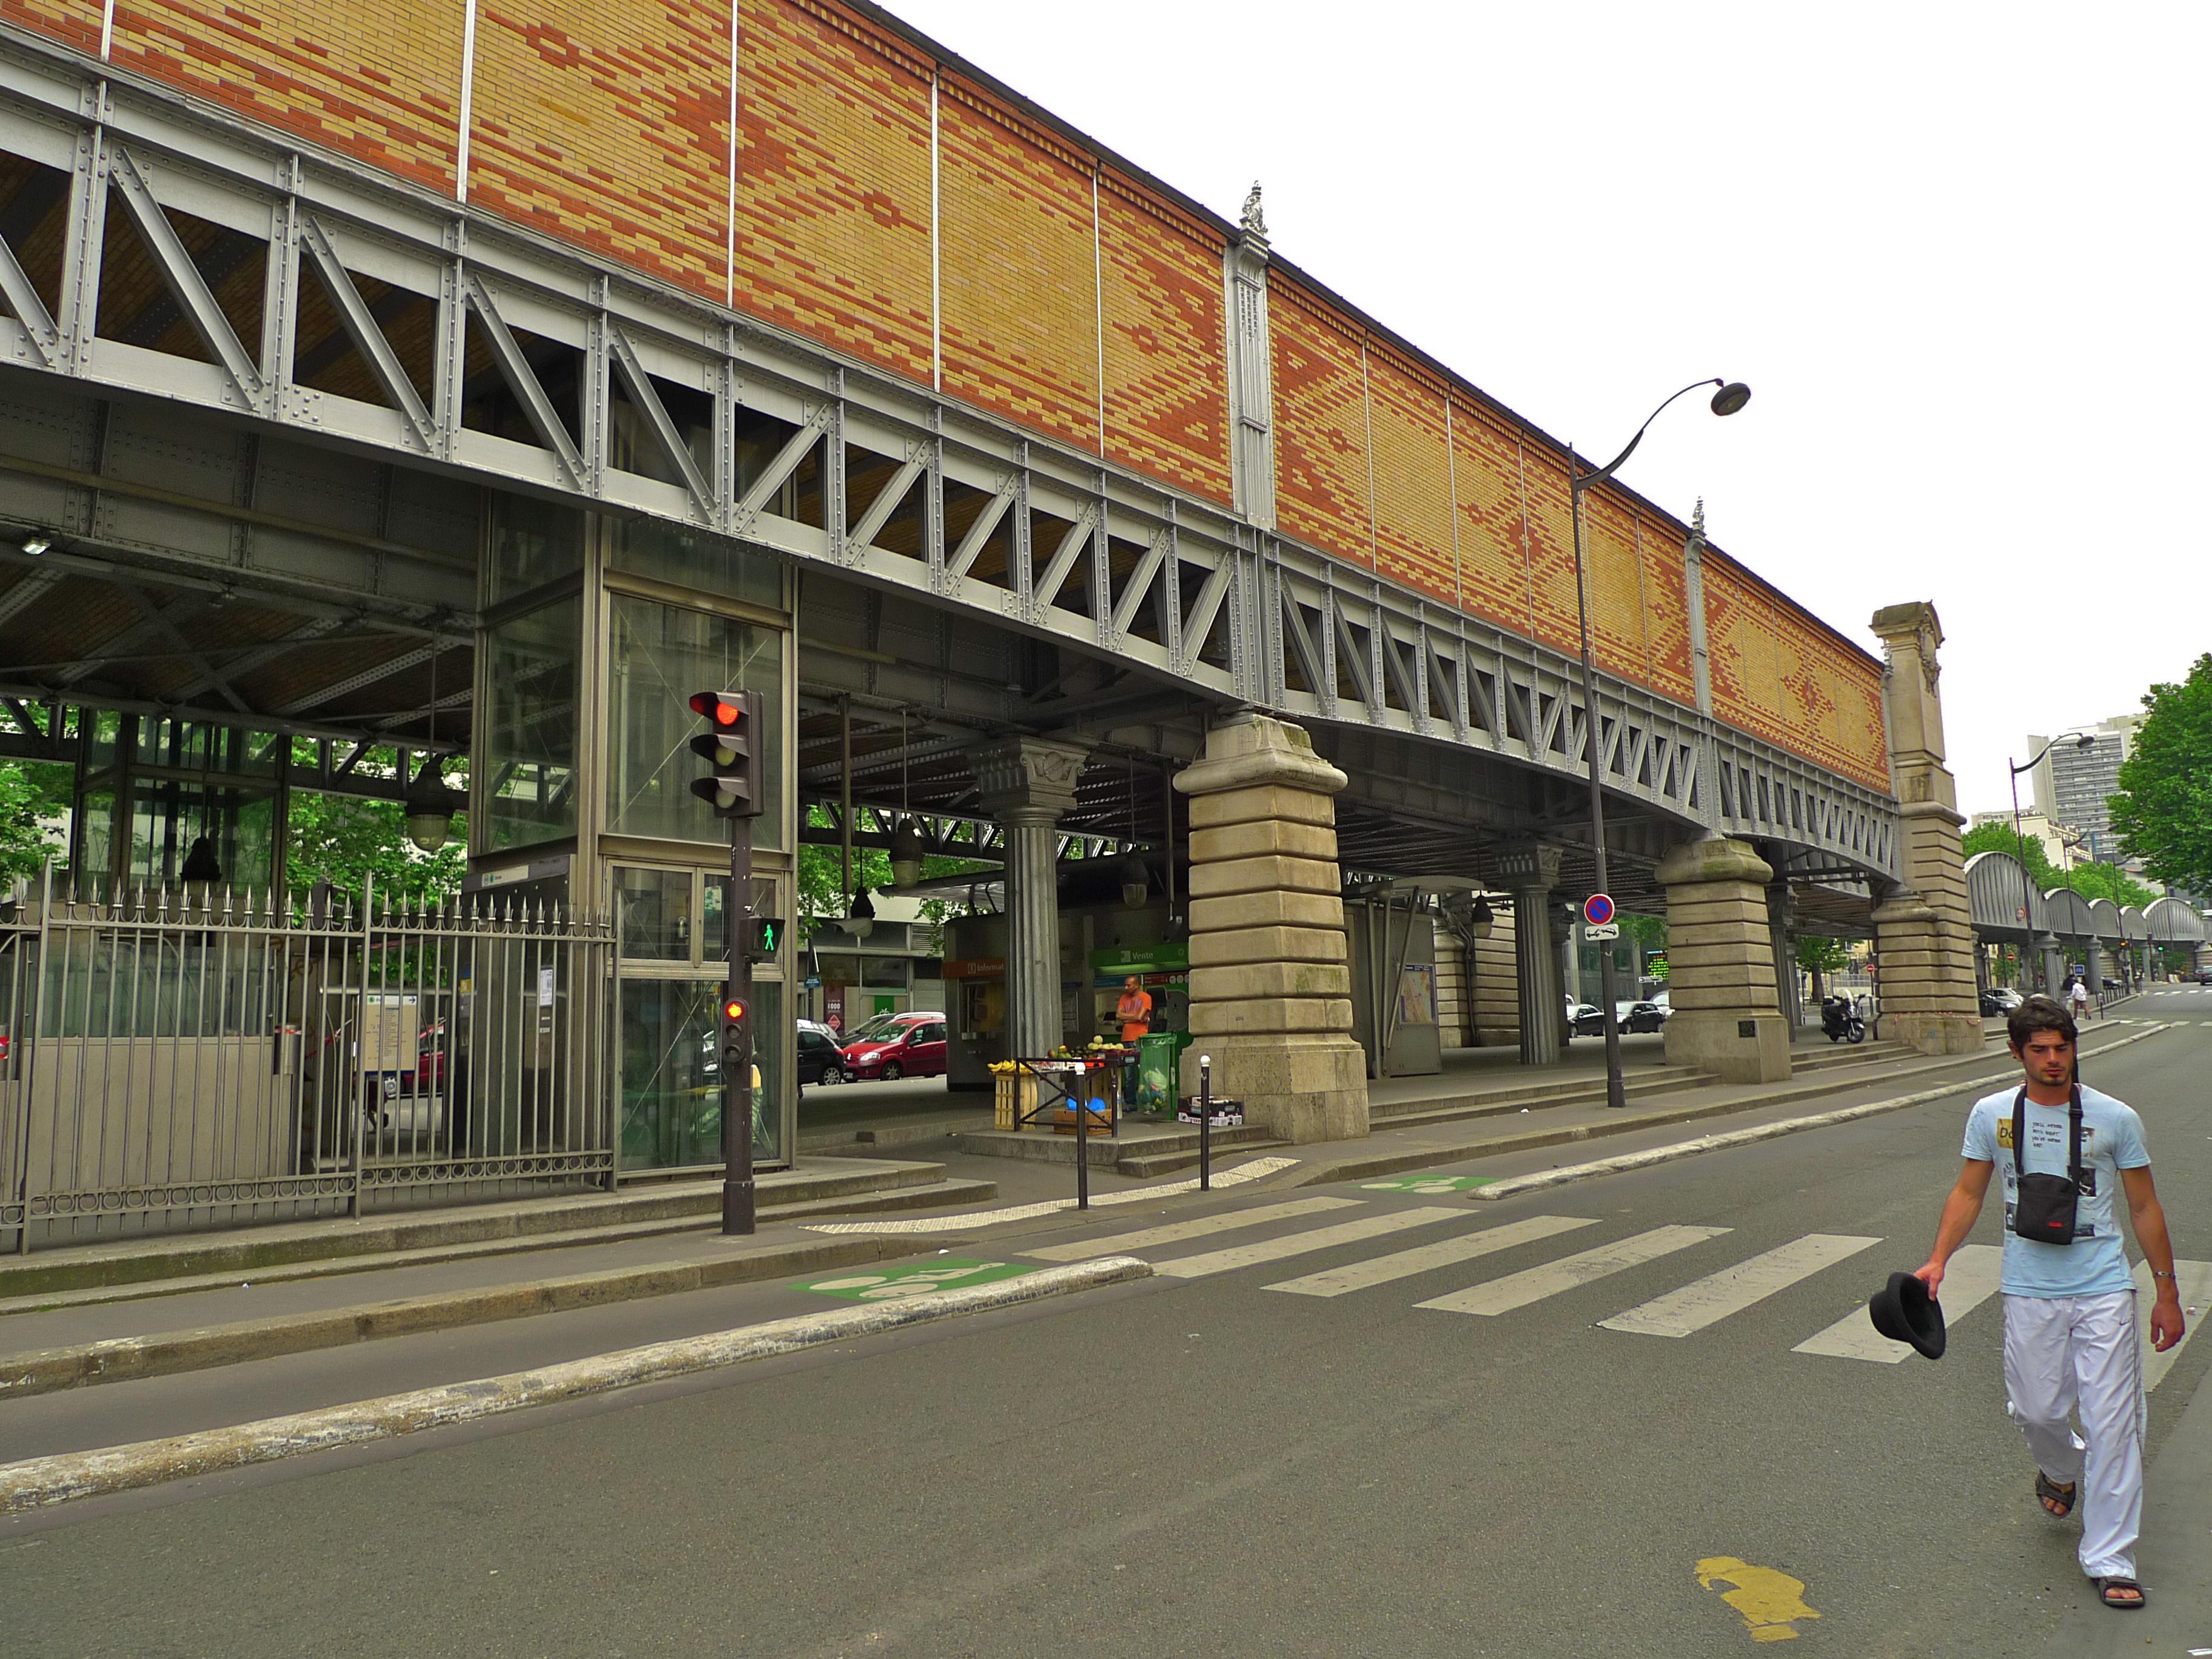 Quai de la Gare | Soundlandscapes\' Blog